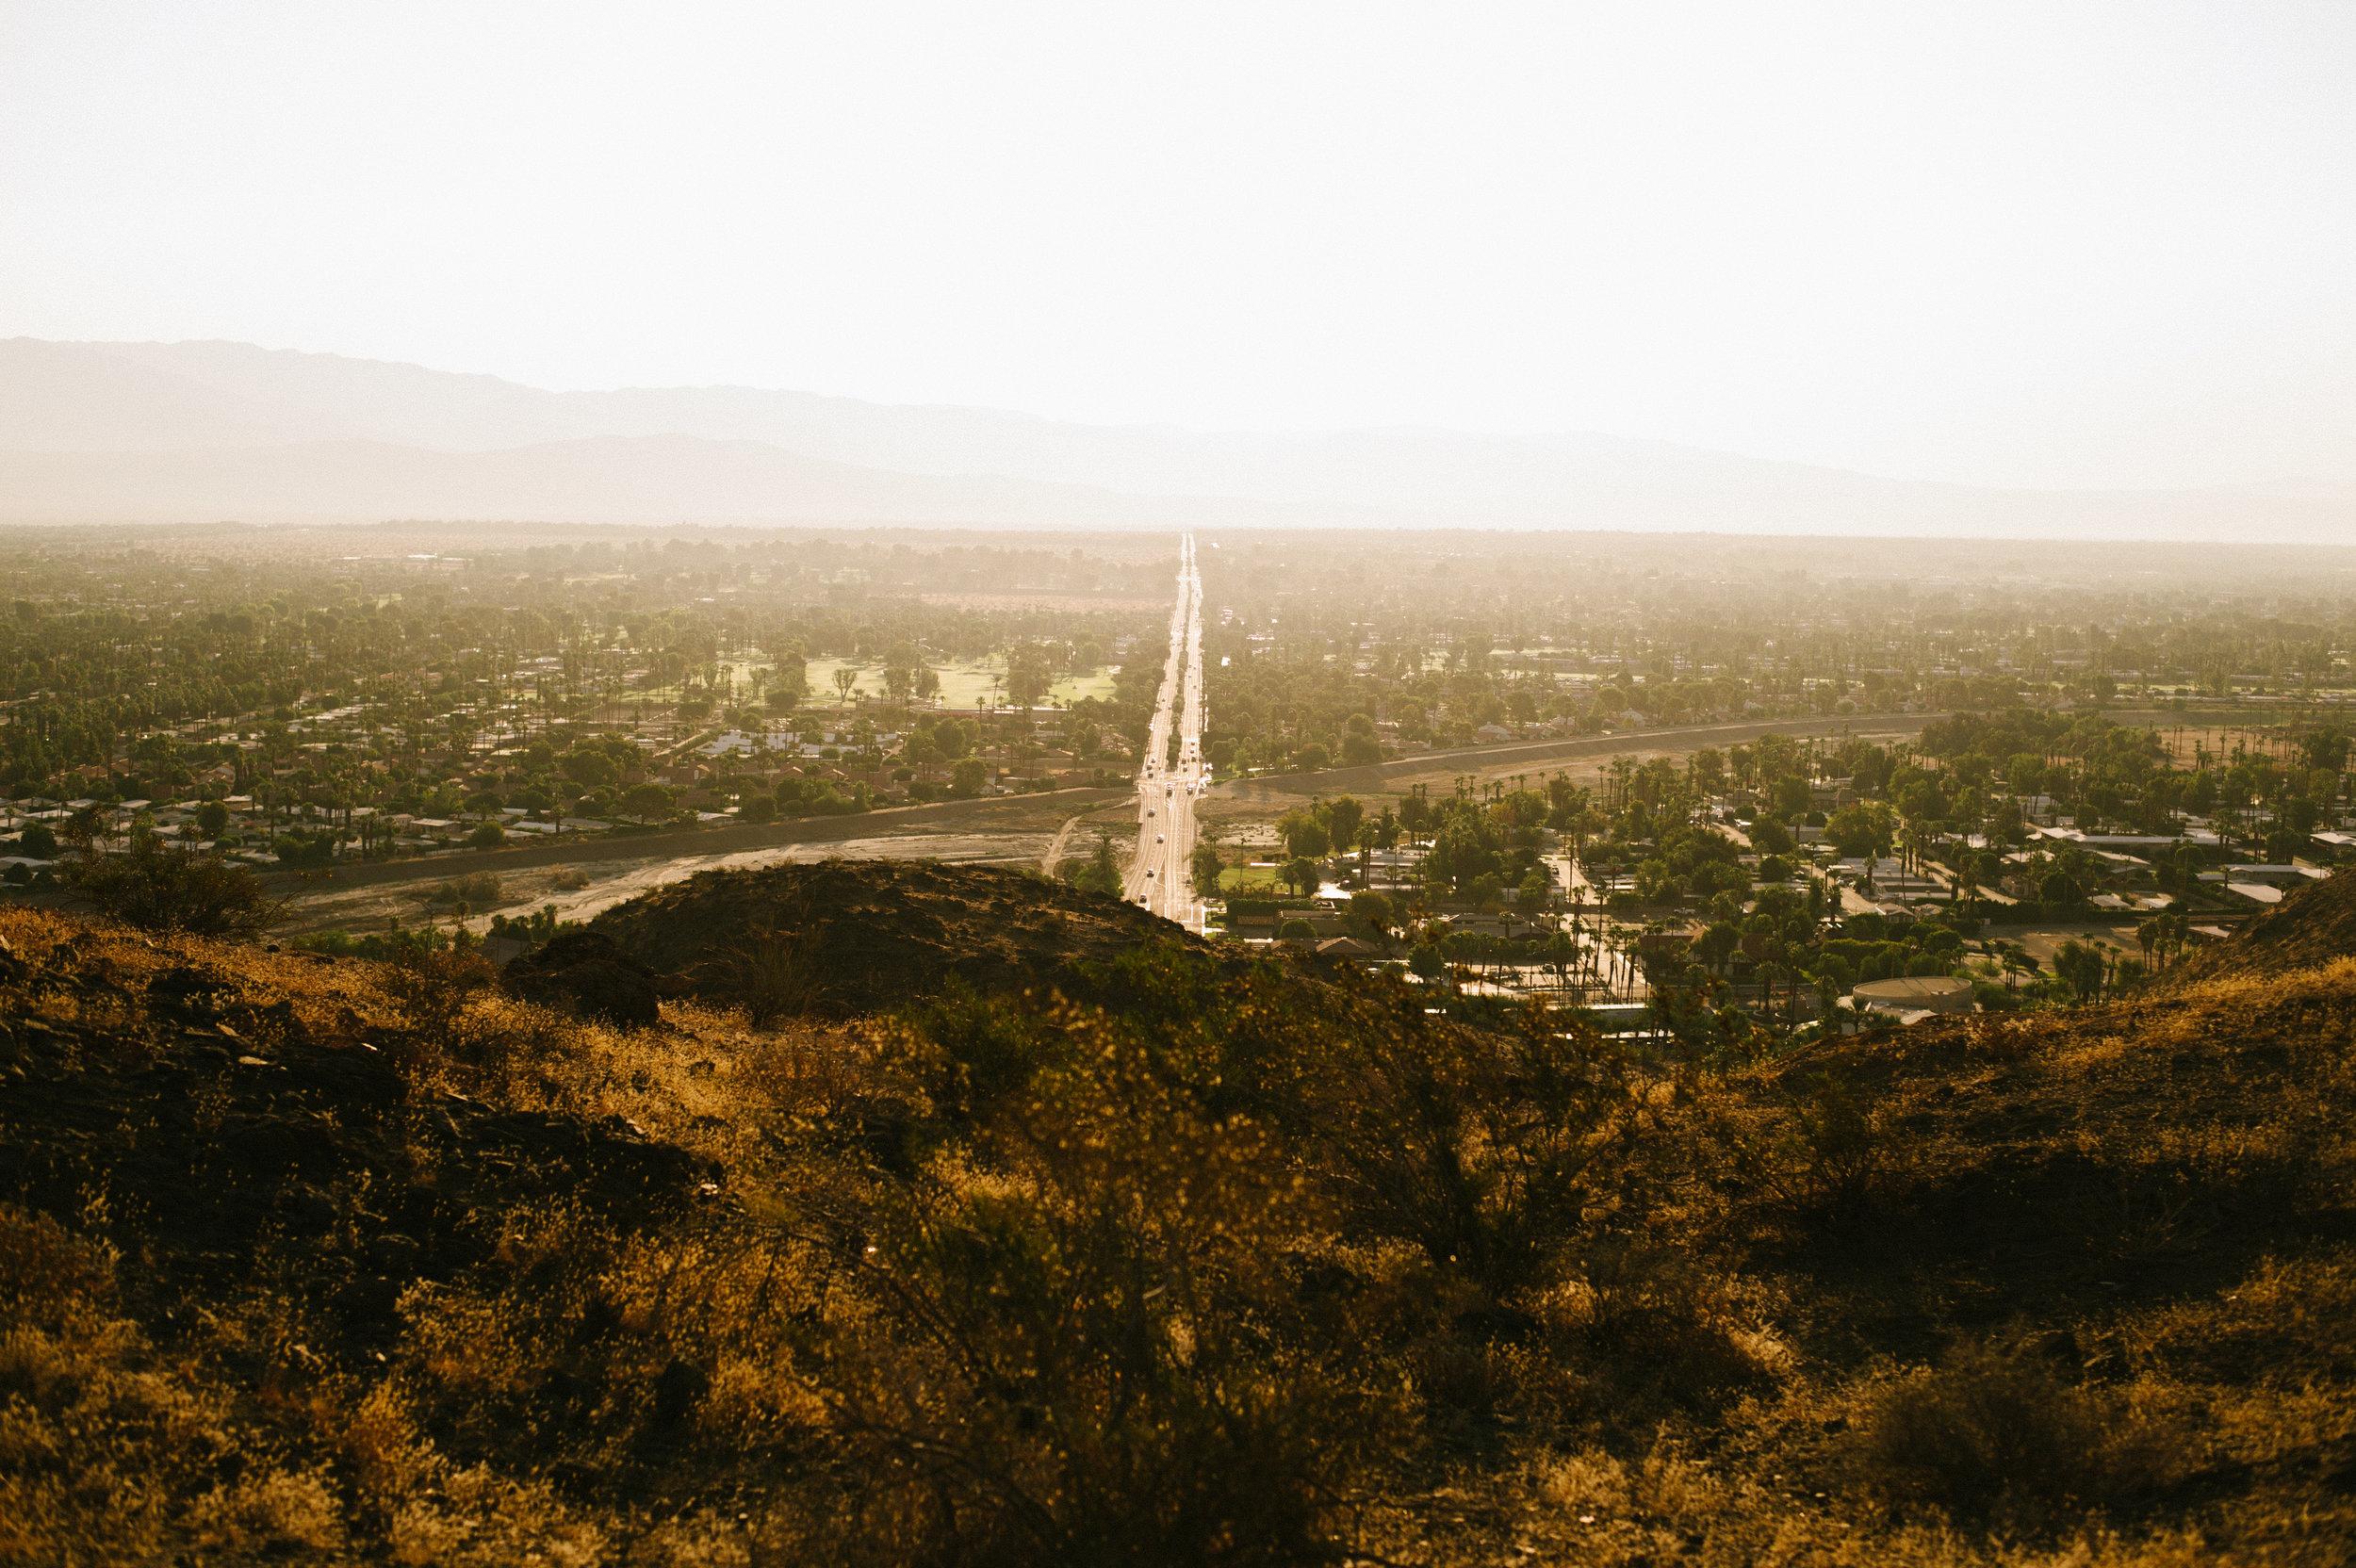 The-Glossier-Palm-Springs-CA-13.jpg